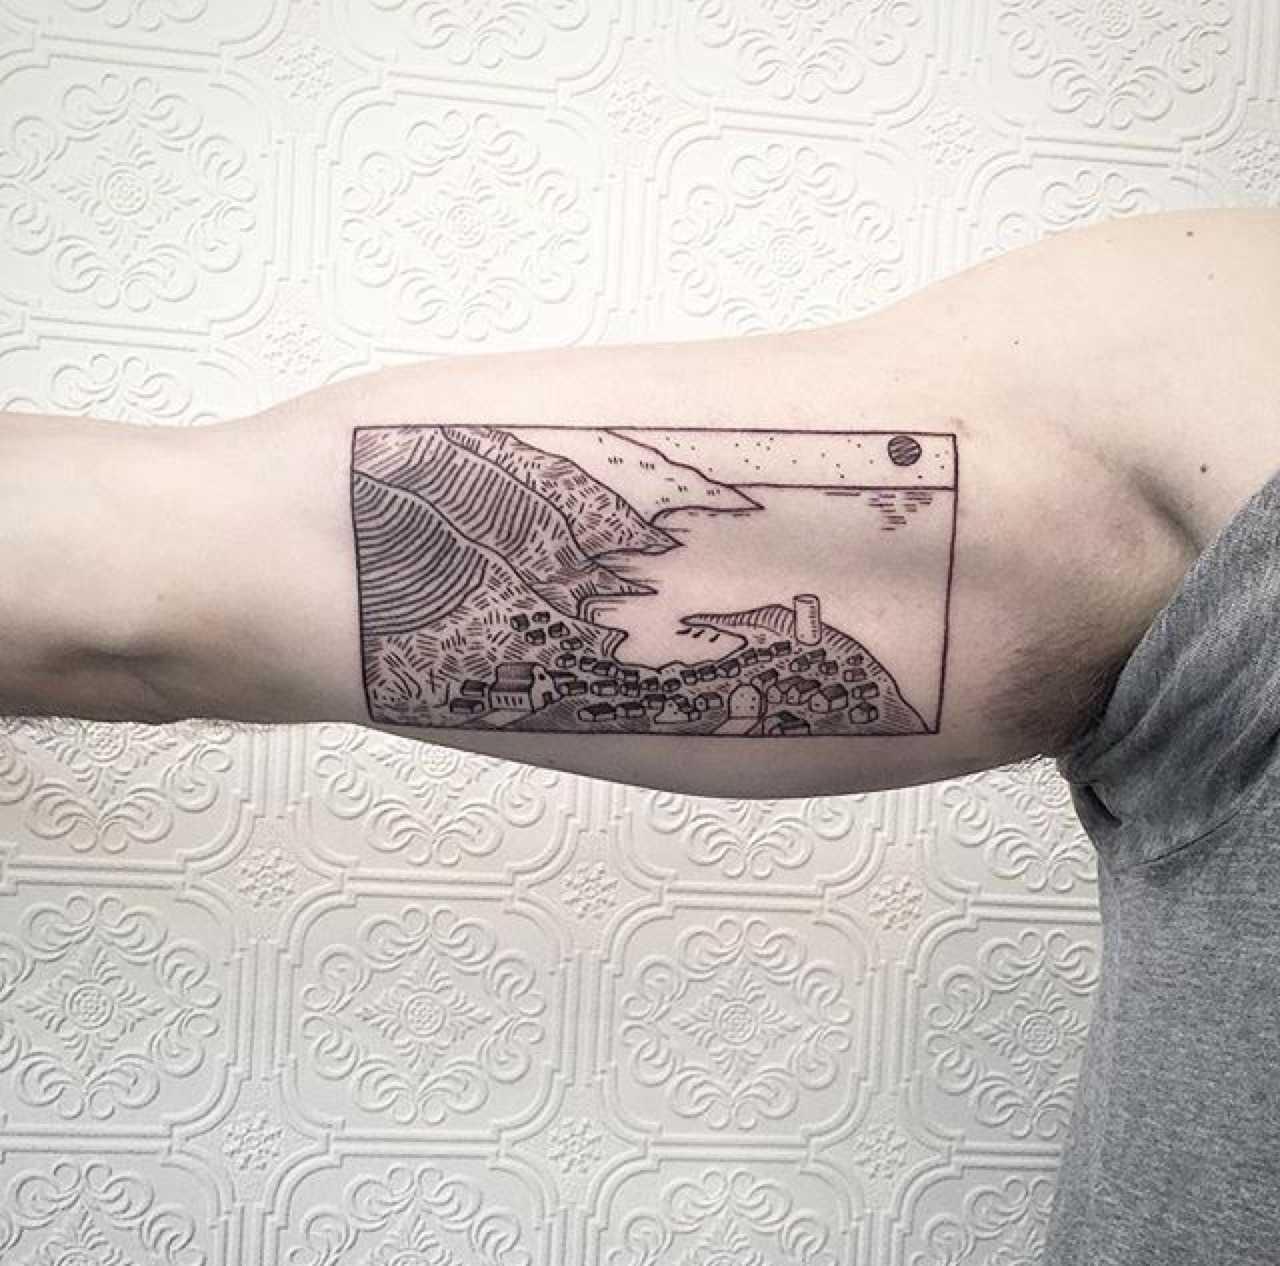 Coastal scenery tattoo by Johno Tattooer